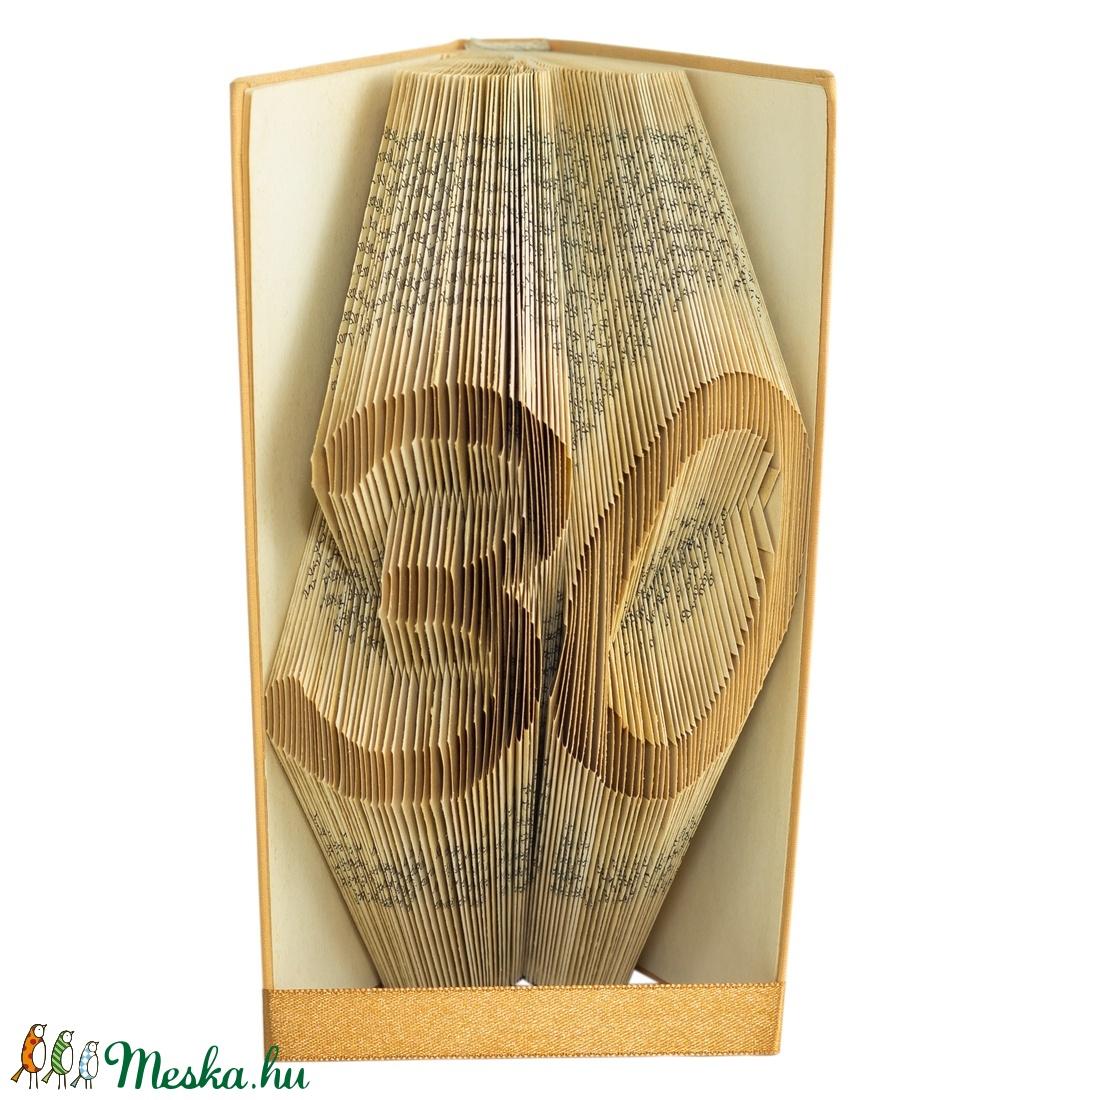 30 Egyedi számos hajtogatott könyv origami, születésnapra, házassági évfordulóra, két szám, könyvszobor, barátnak,E663  (Wolfabric) - Meska.hu